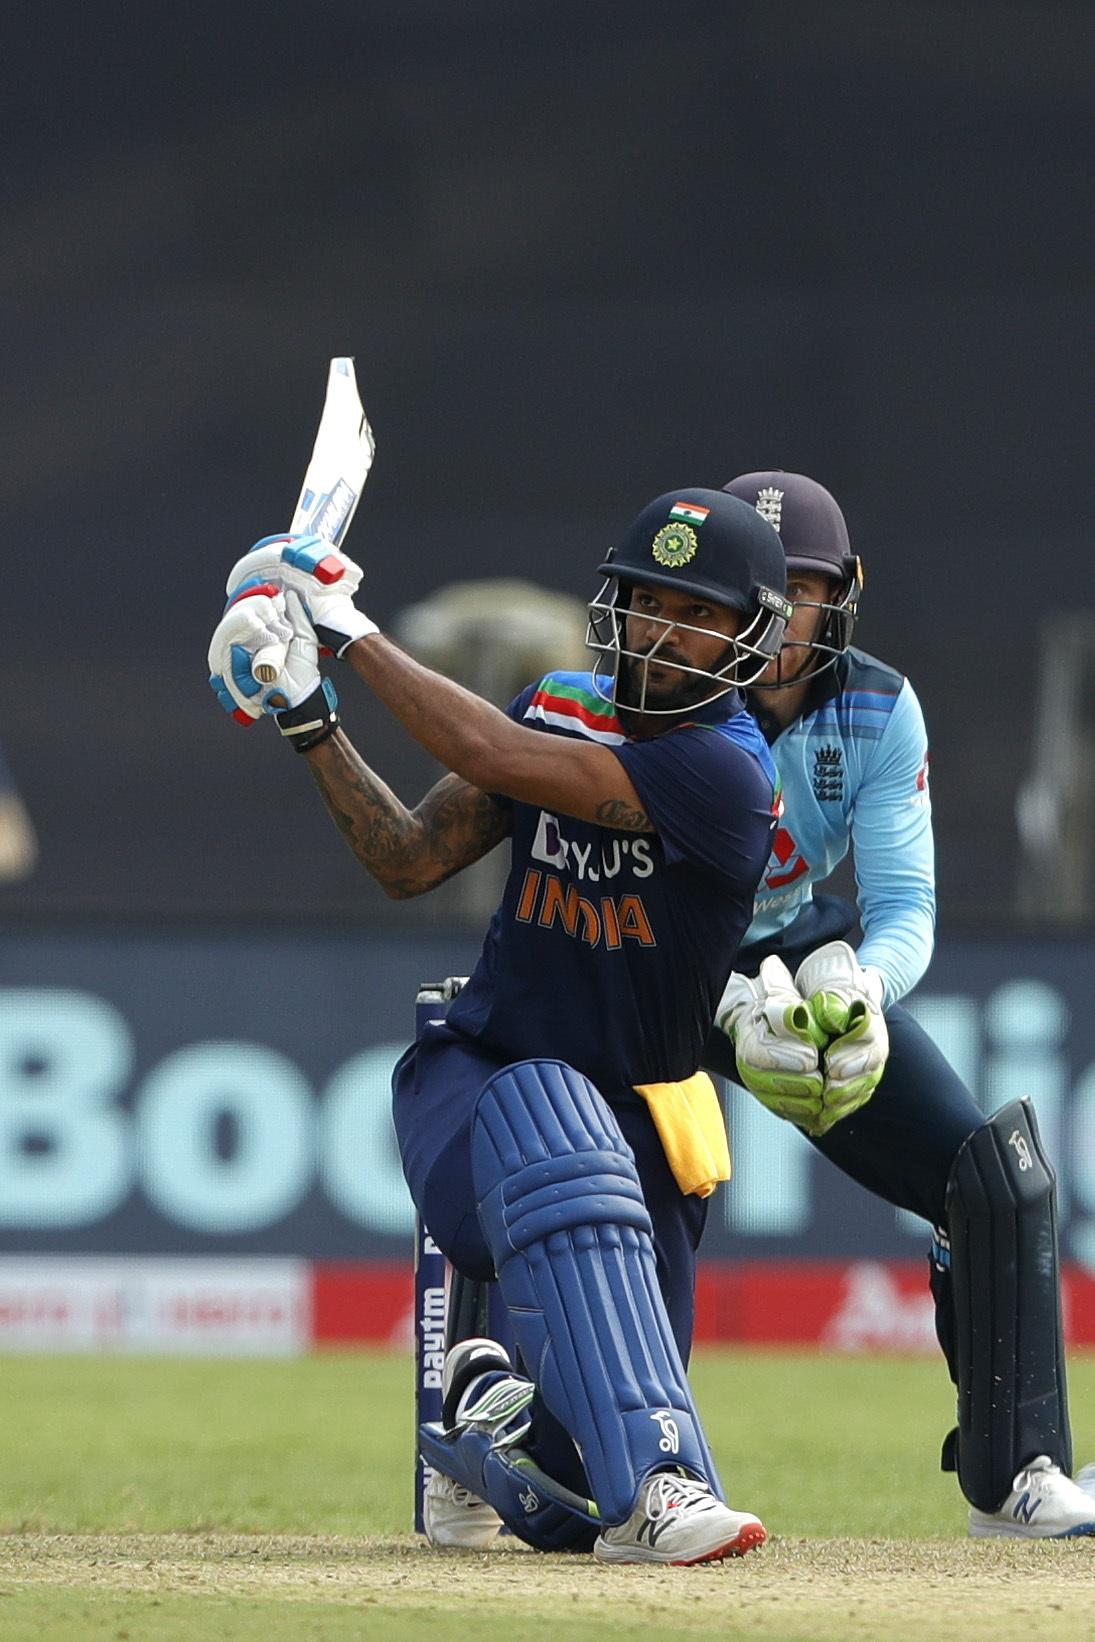 ভারতীয় দল ইংল্যান্ডকে দিল ৩১৮ রানের লক্ষ্য, কেএল আর ক্রুণাল দেখালেন বিক্রম 1